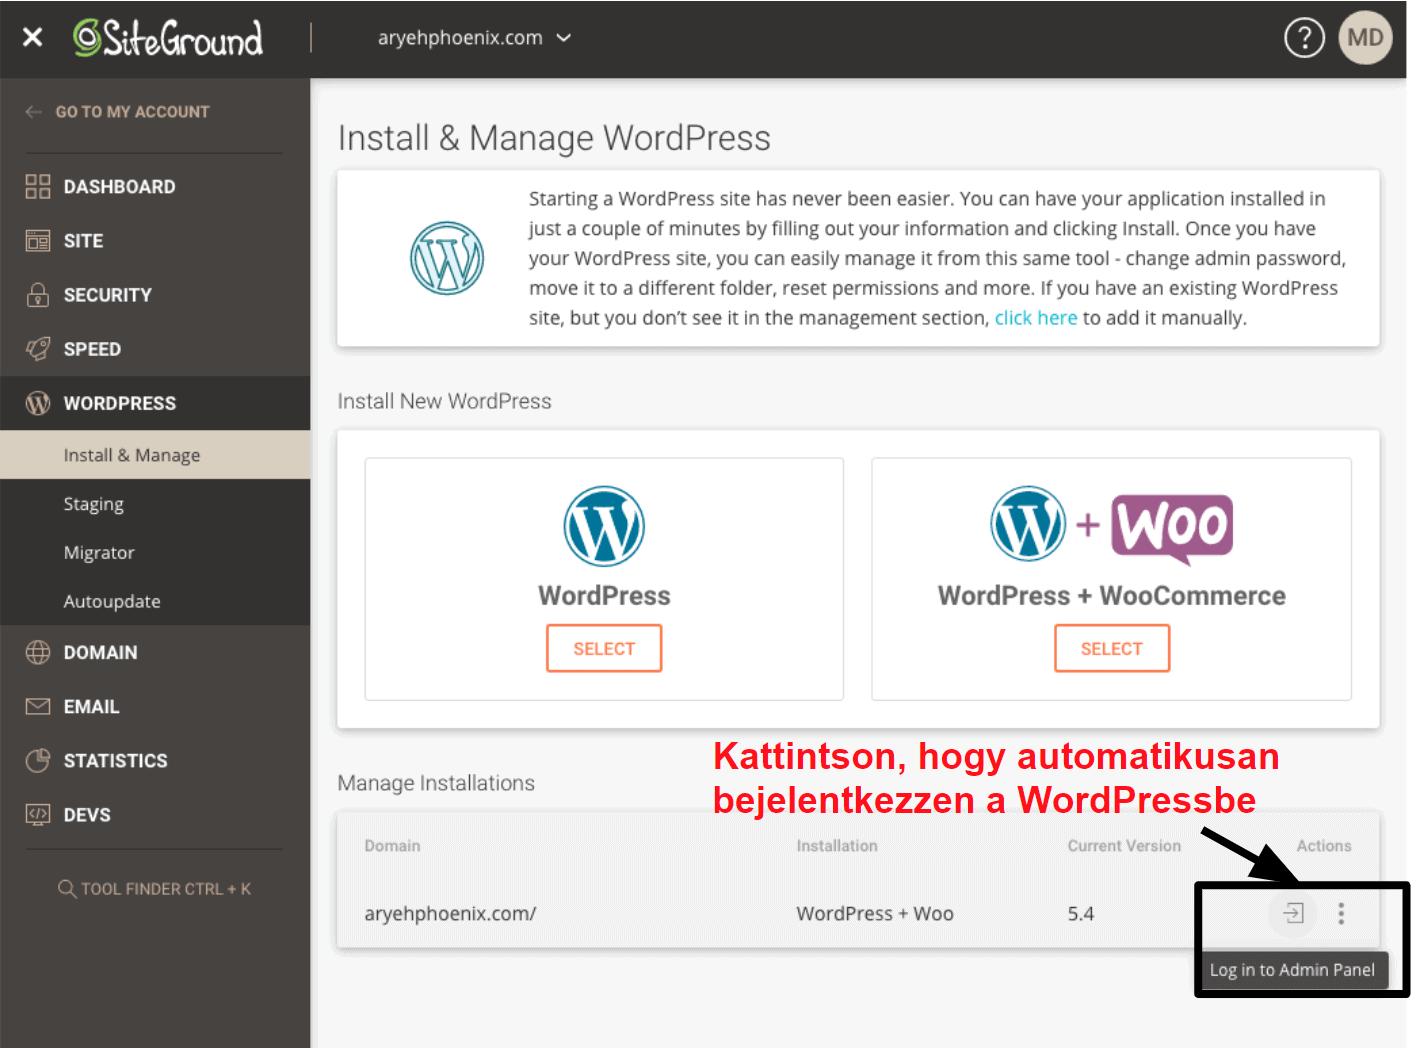 Weboldal készítése 2020-ban: teljes útmutató lépésről lépésre